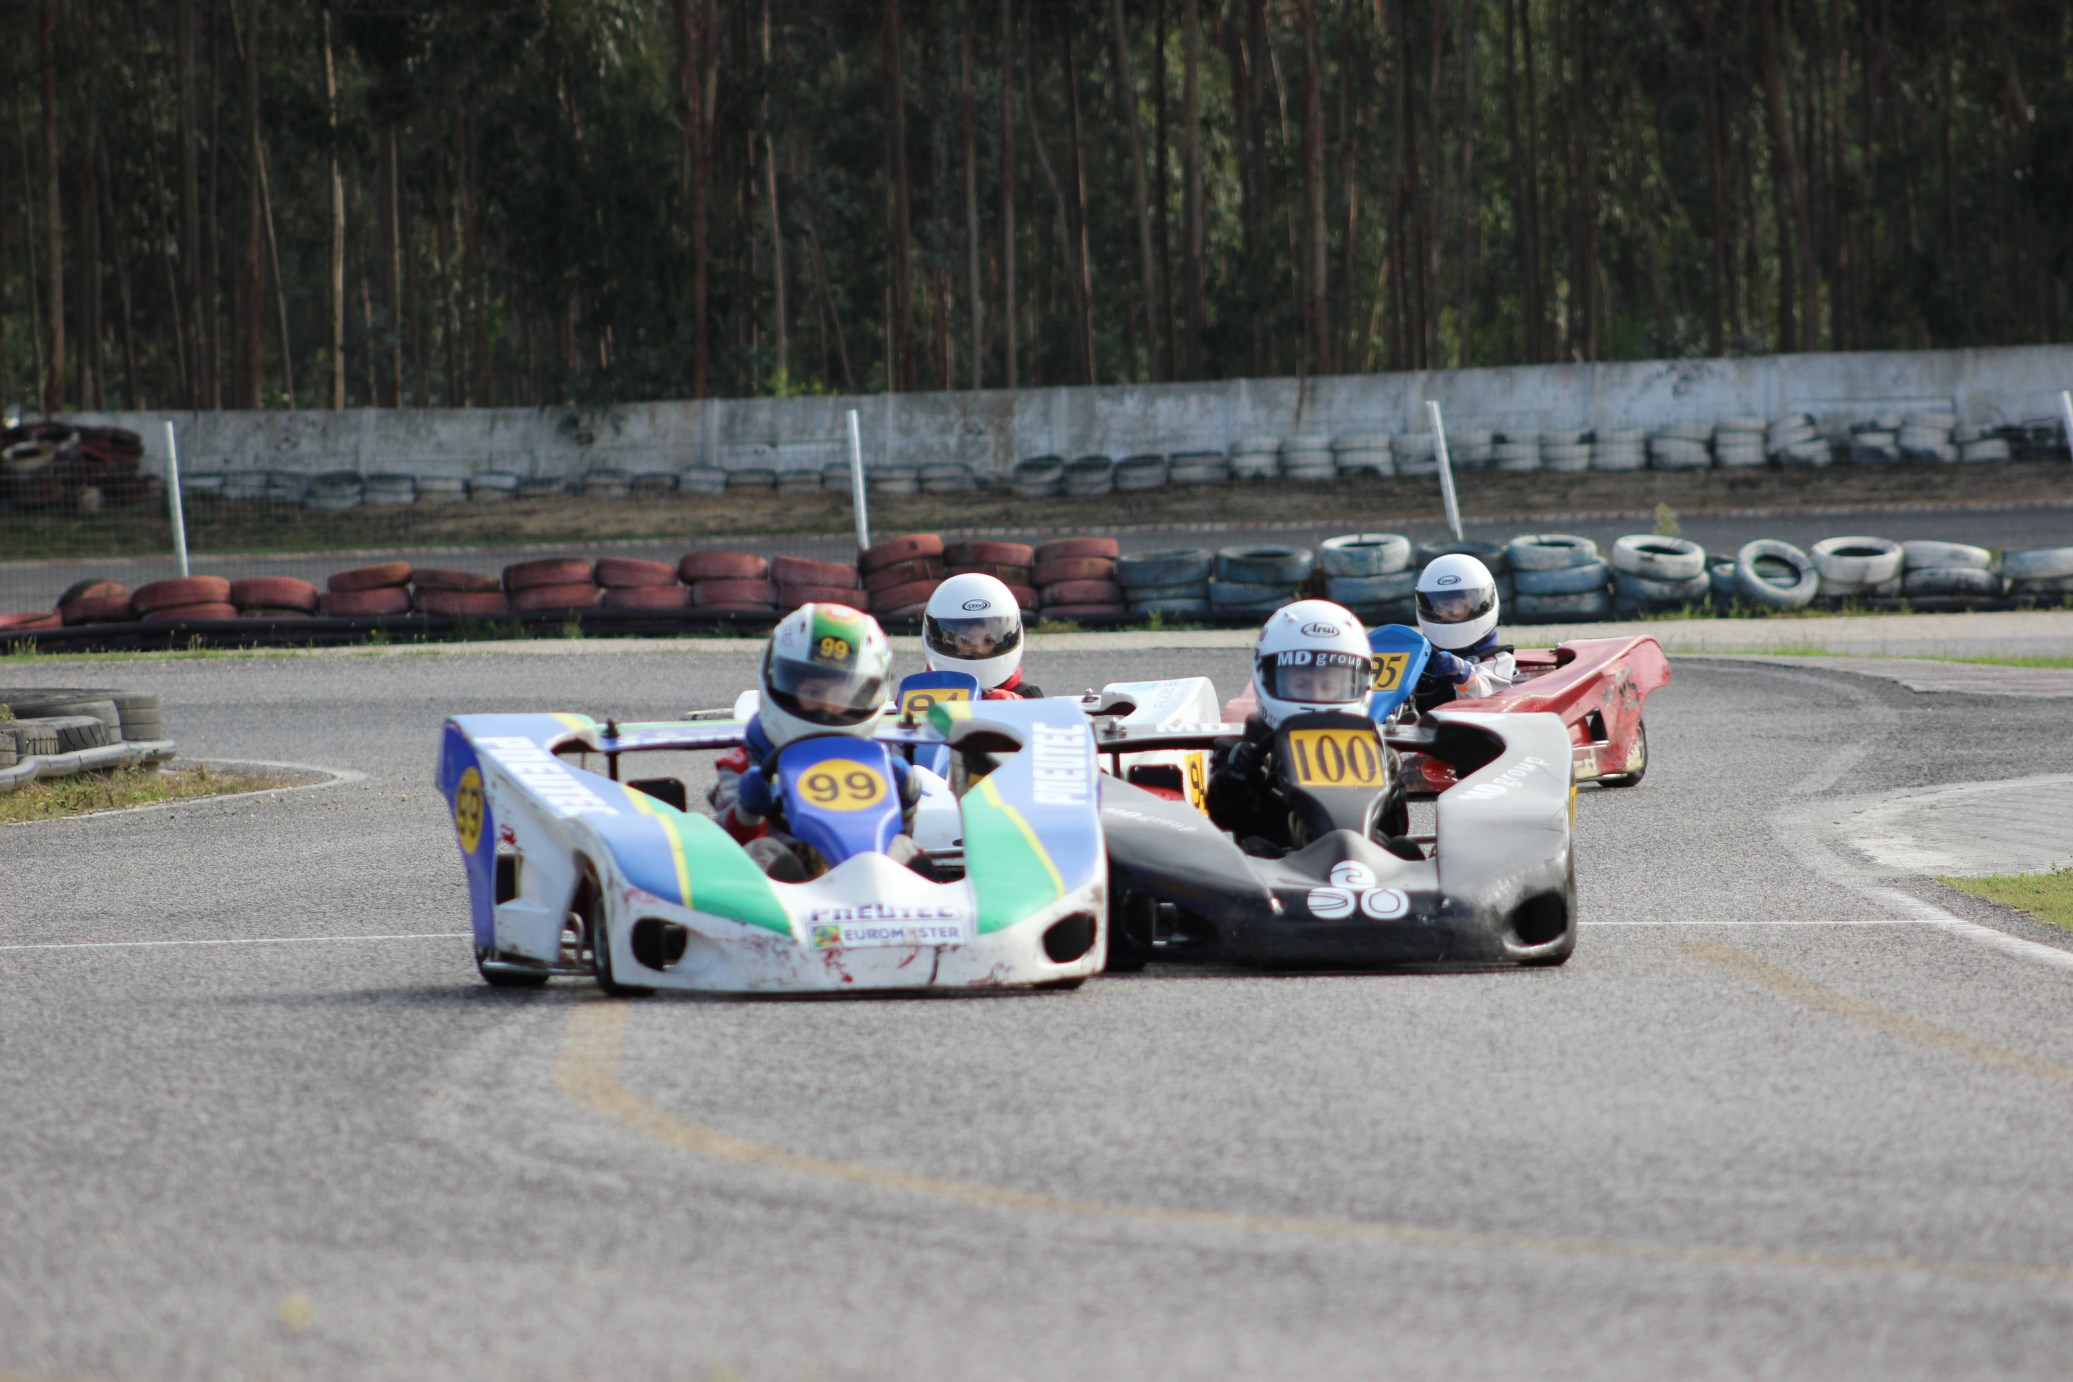 Troféu Honda 2014 - 4ª Prova25